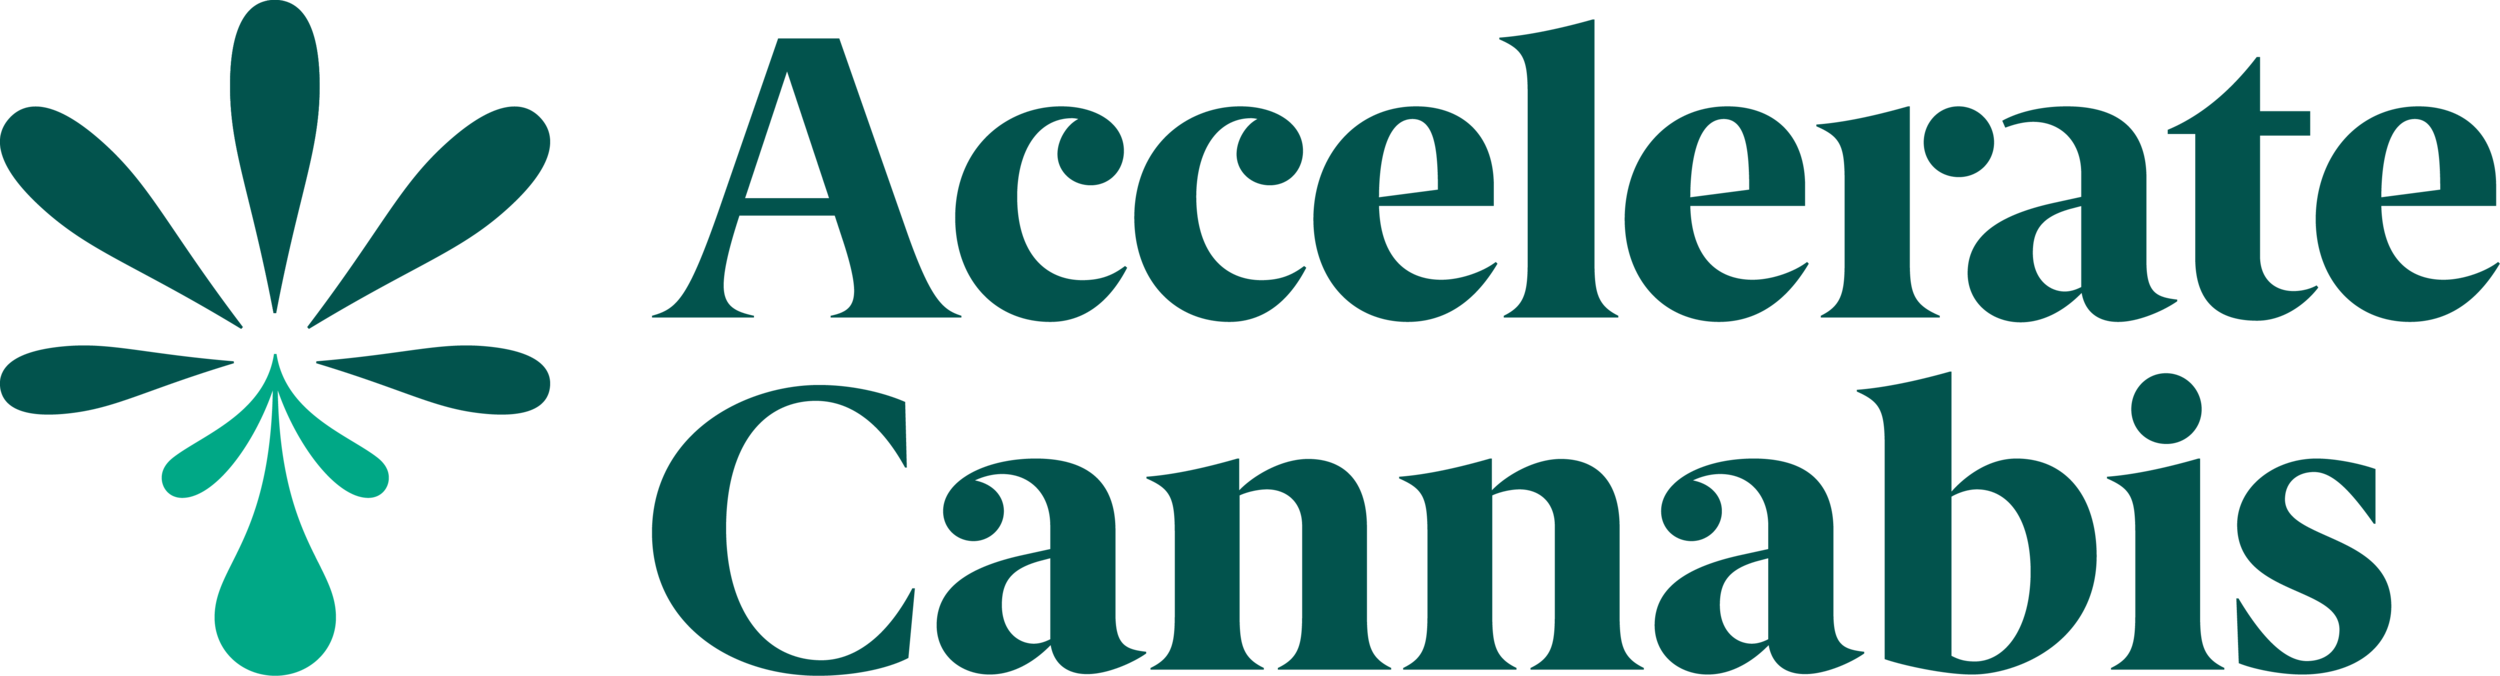 AccelerateCannabis_Logo_VerticalStack_Color.png